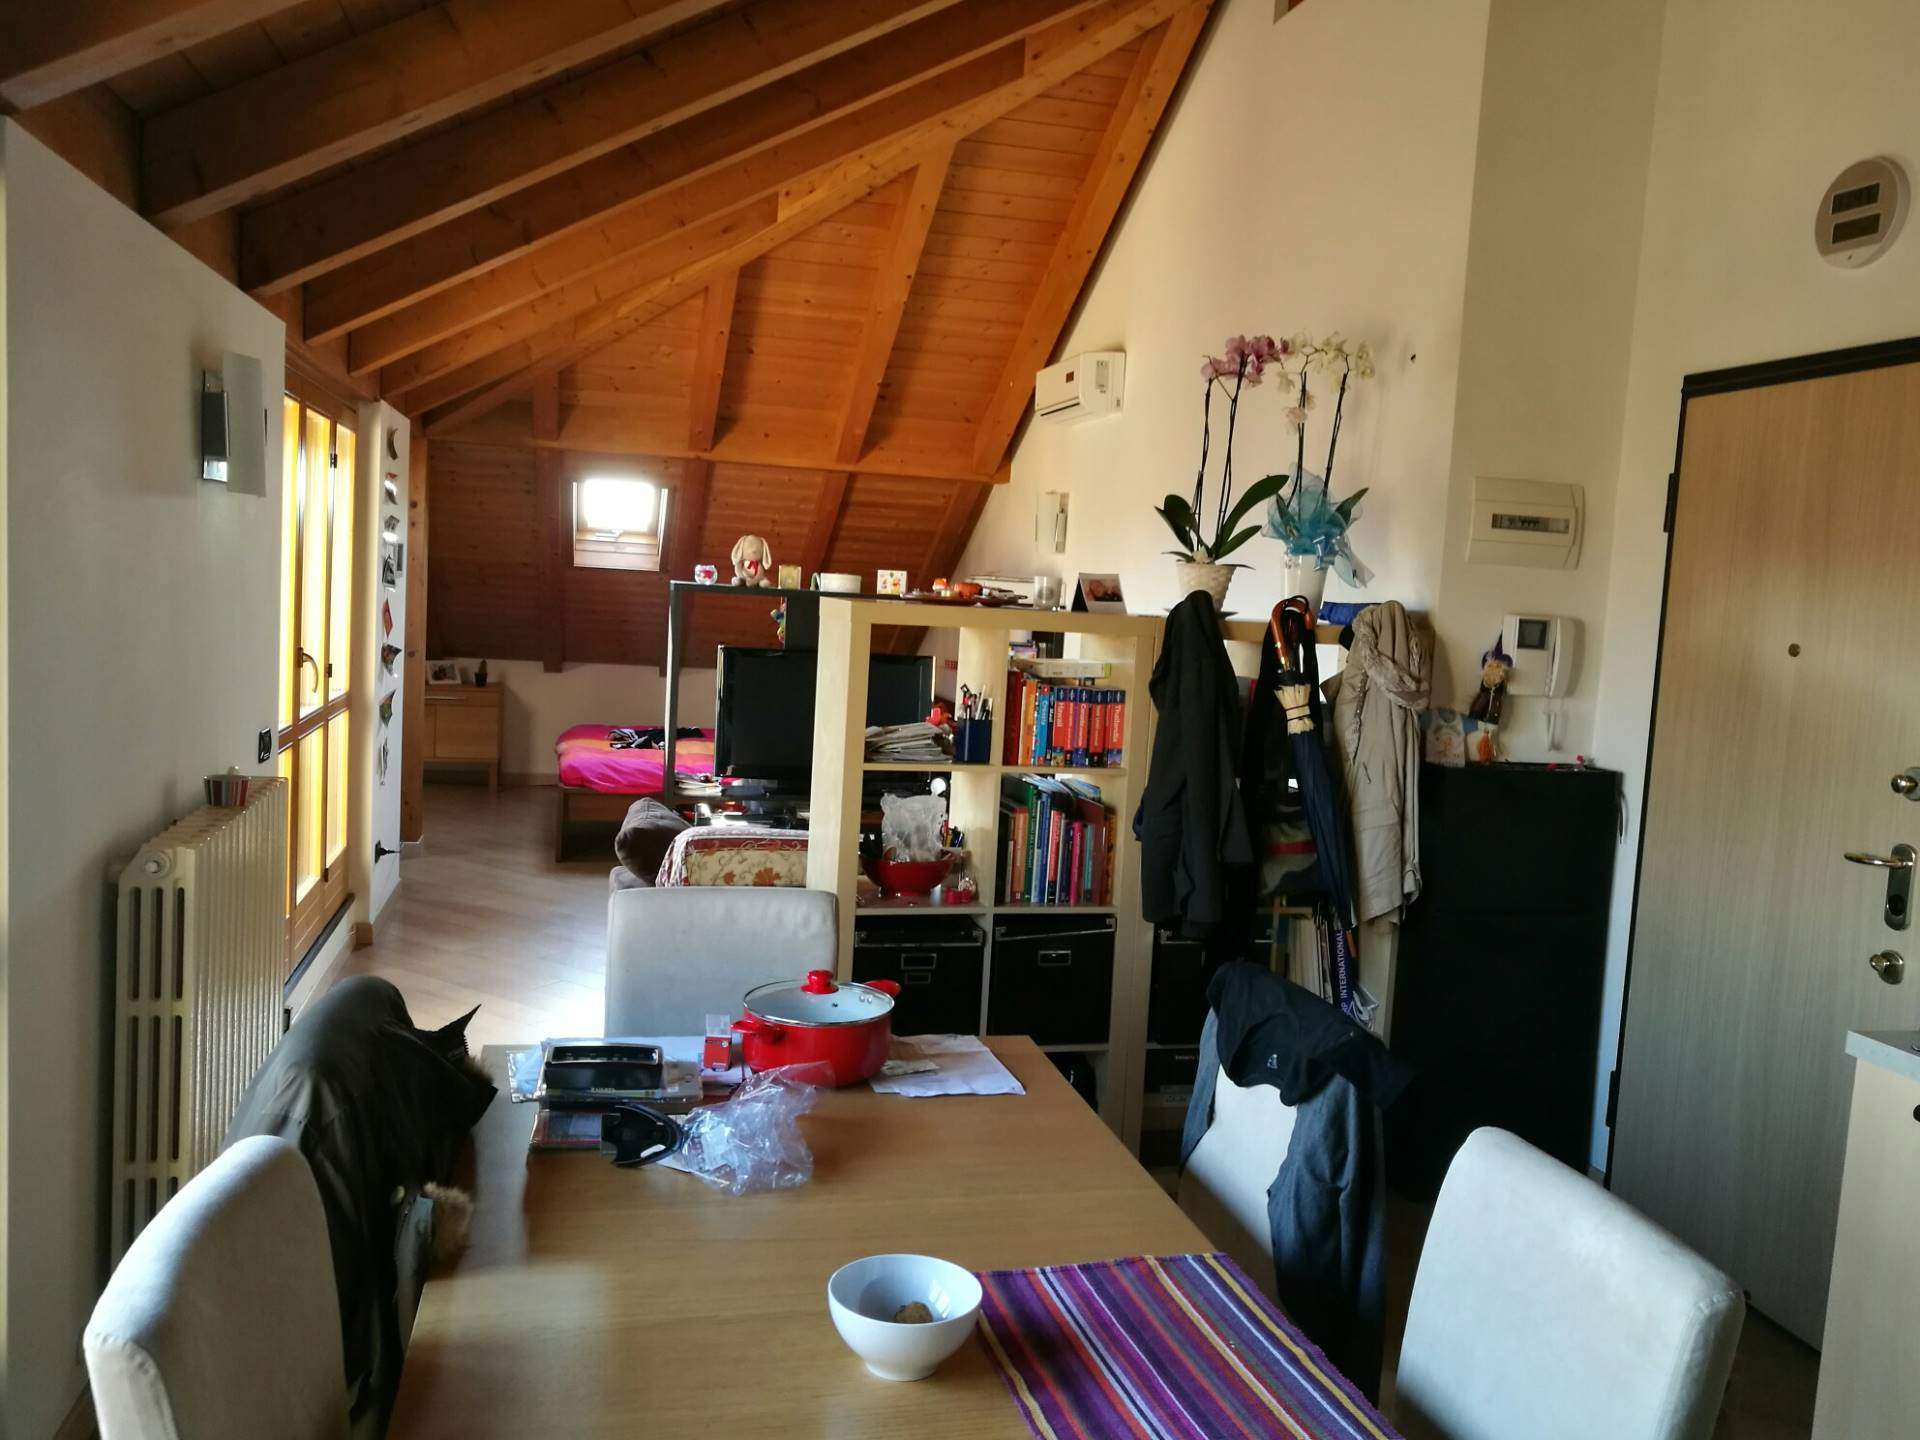 Attico / Mansarda in affitto a Rho, 1 locali, zona Località: Centro, prezzo € 750 | Cambio Casa.it